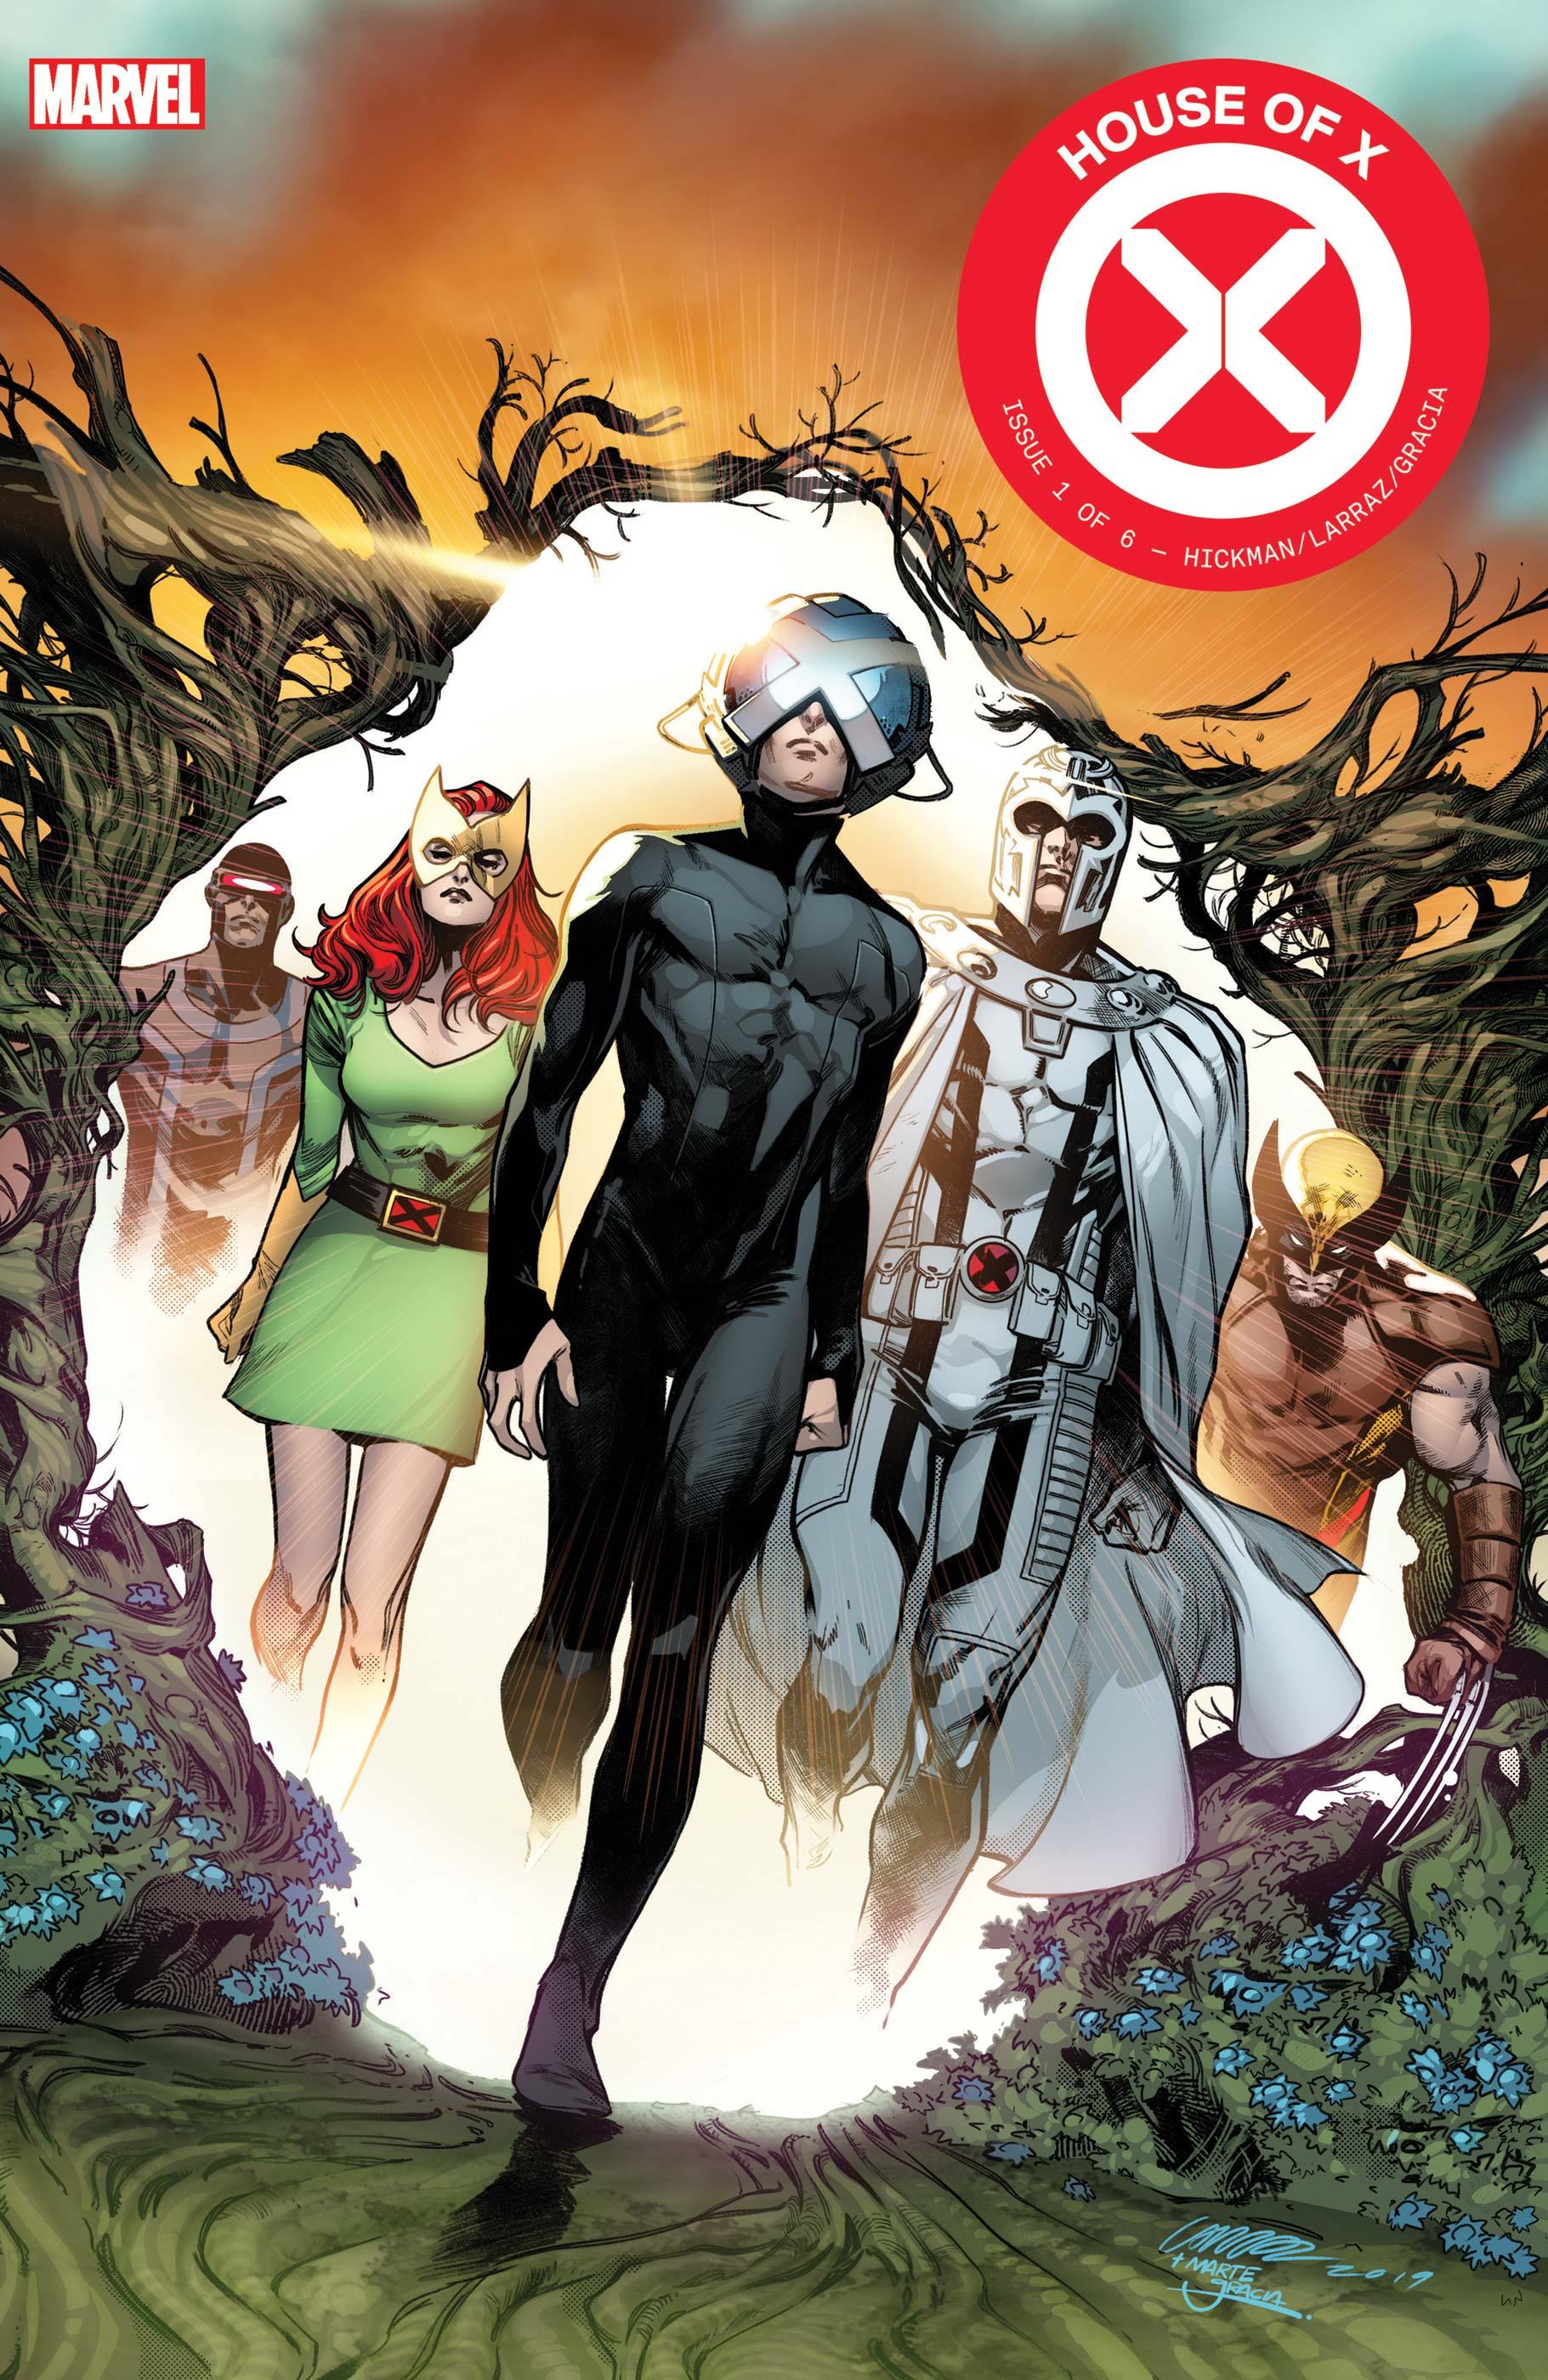 house of x powers of x komiksy x-men jak czytać jak zacząć